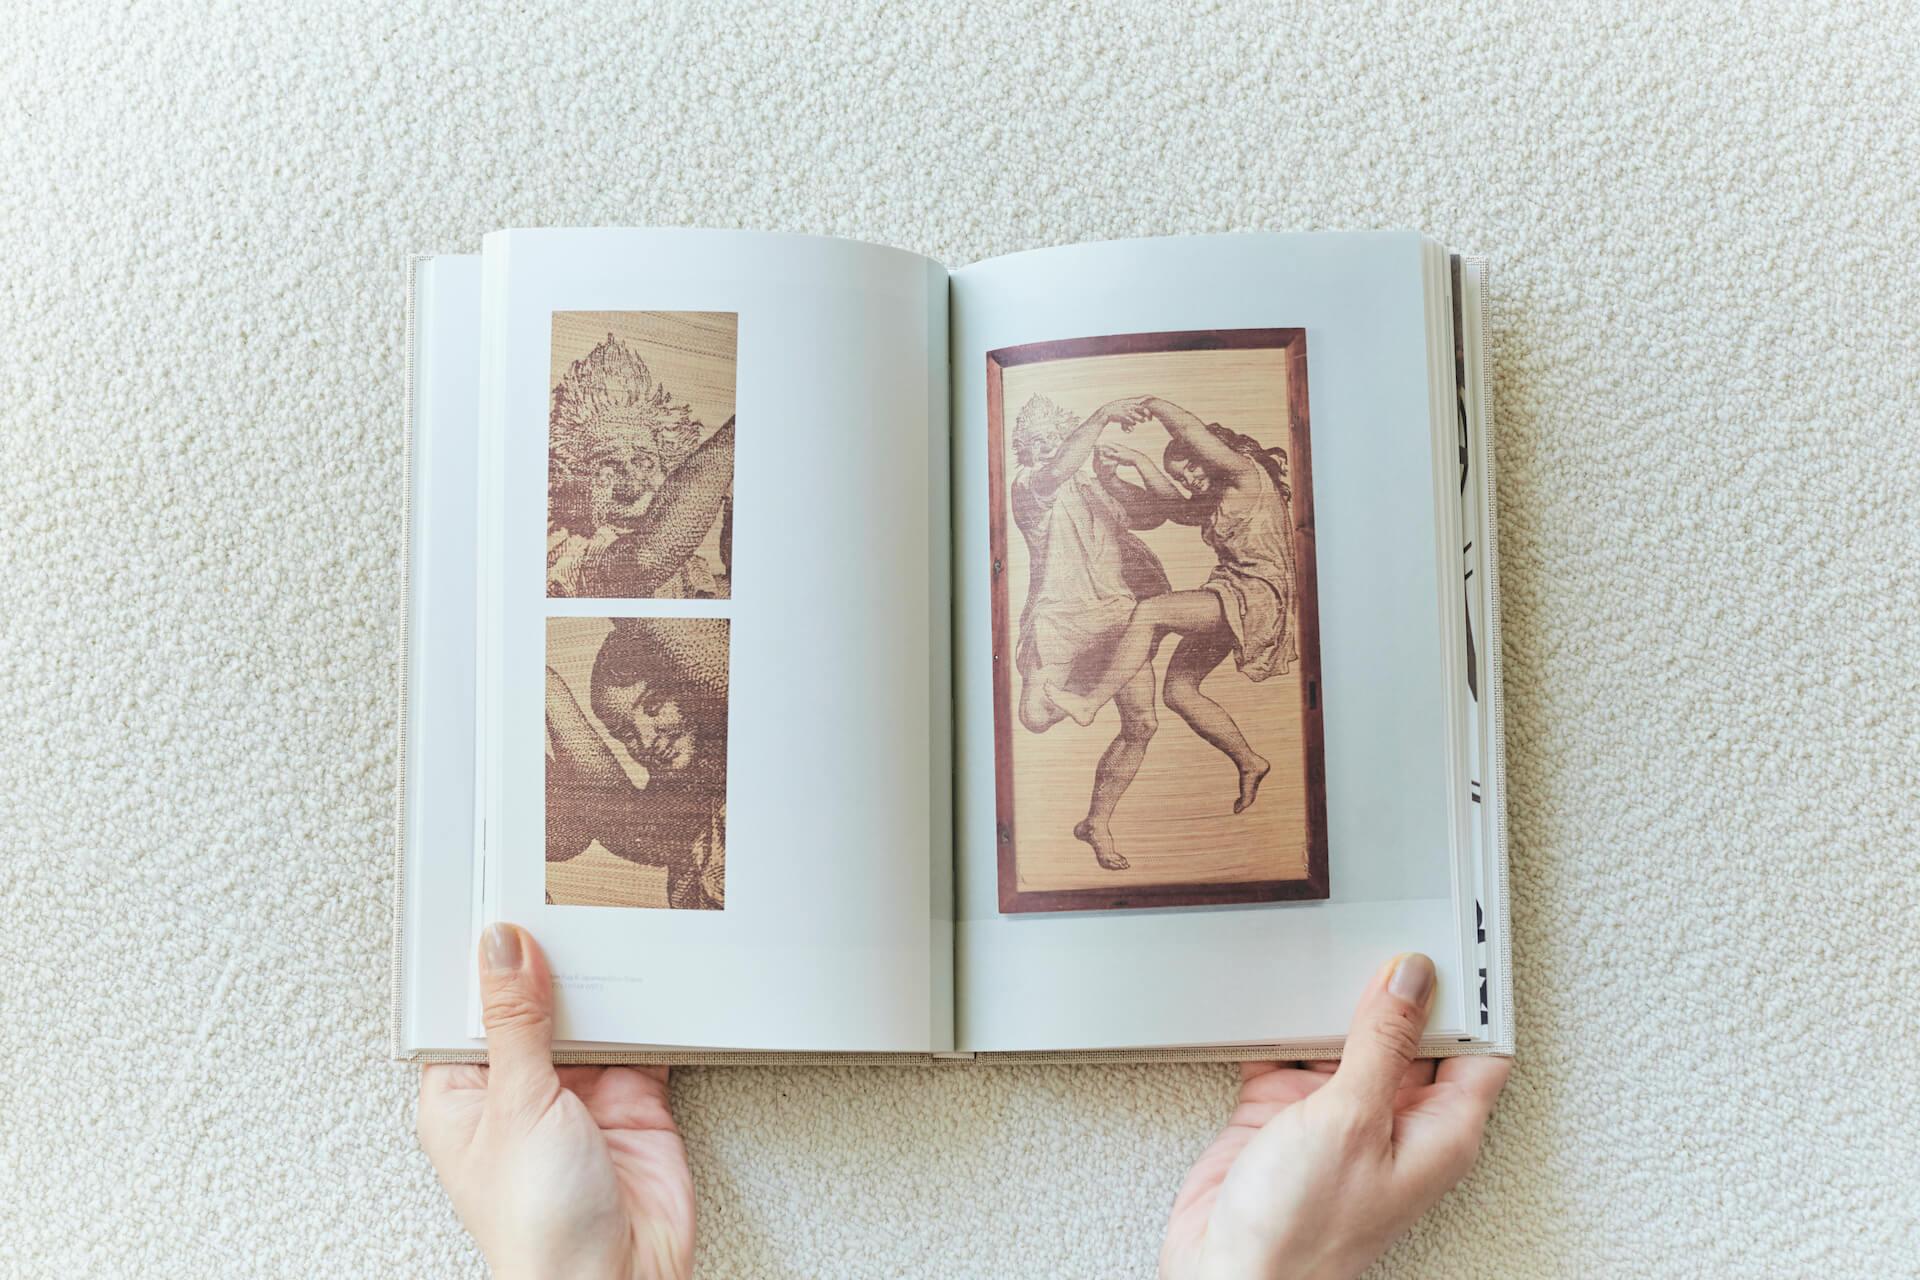 アートブックノススメ|Qetic編集部が選ぶ5冊/Harmony Korine 他 column210210_artbook-01